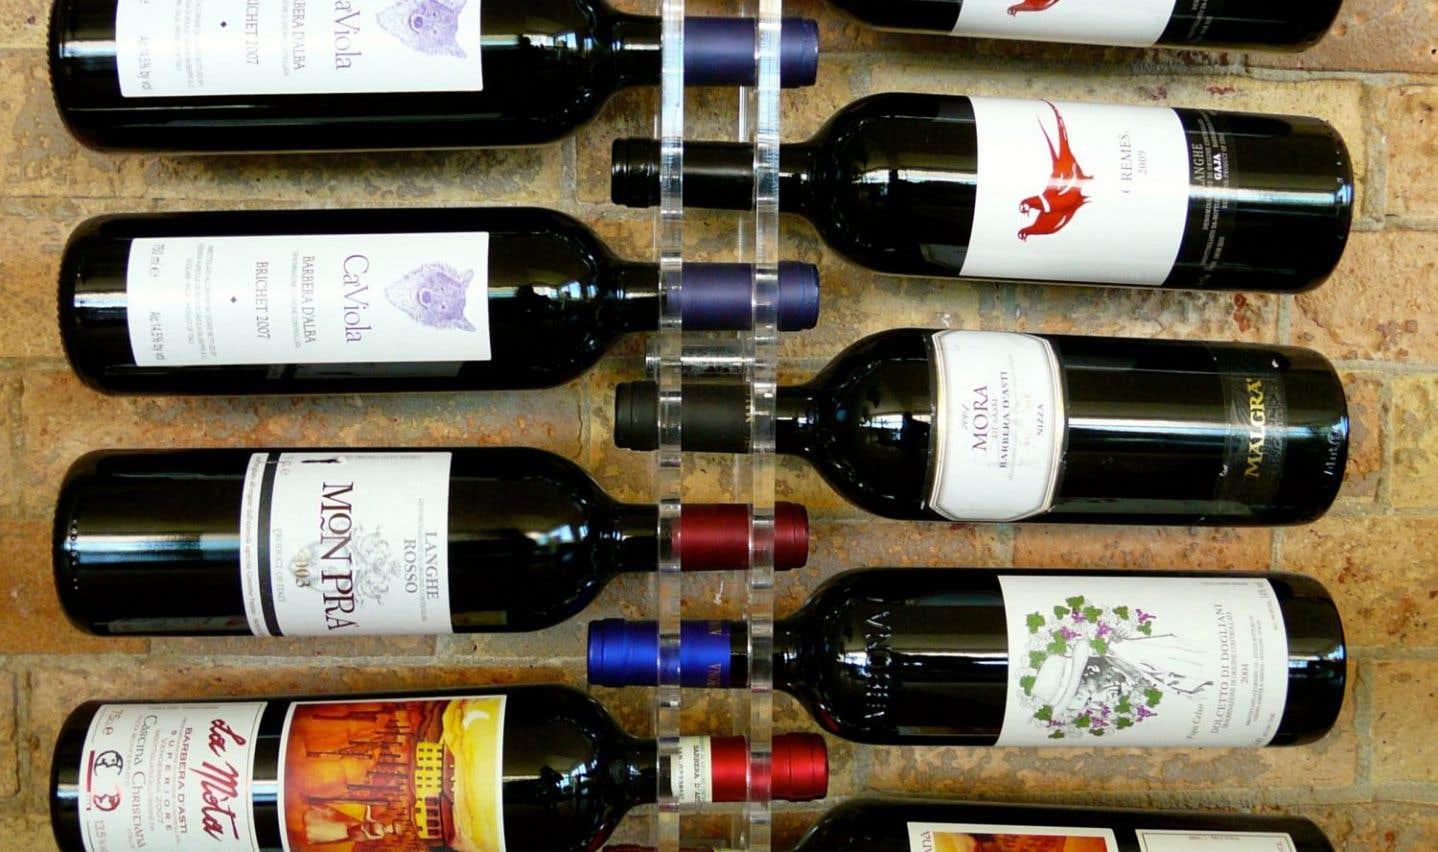 Comment évaluer la qualité d'un vin?